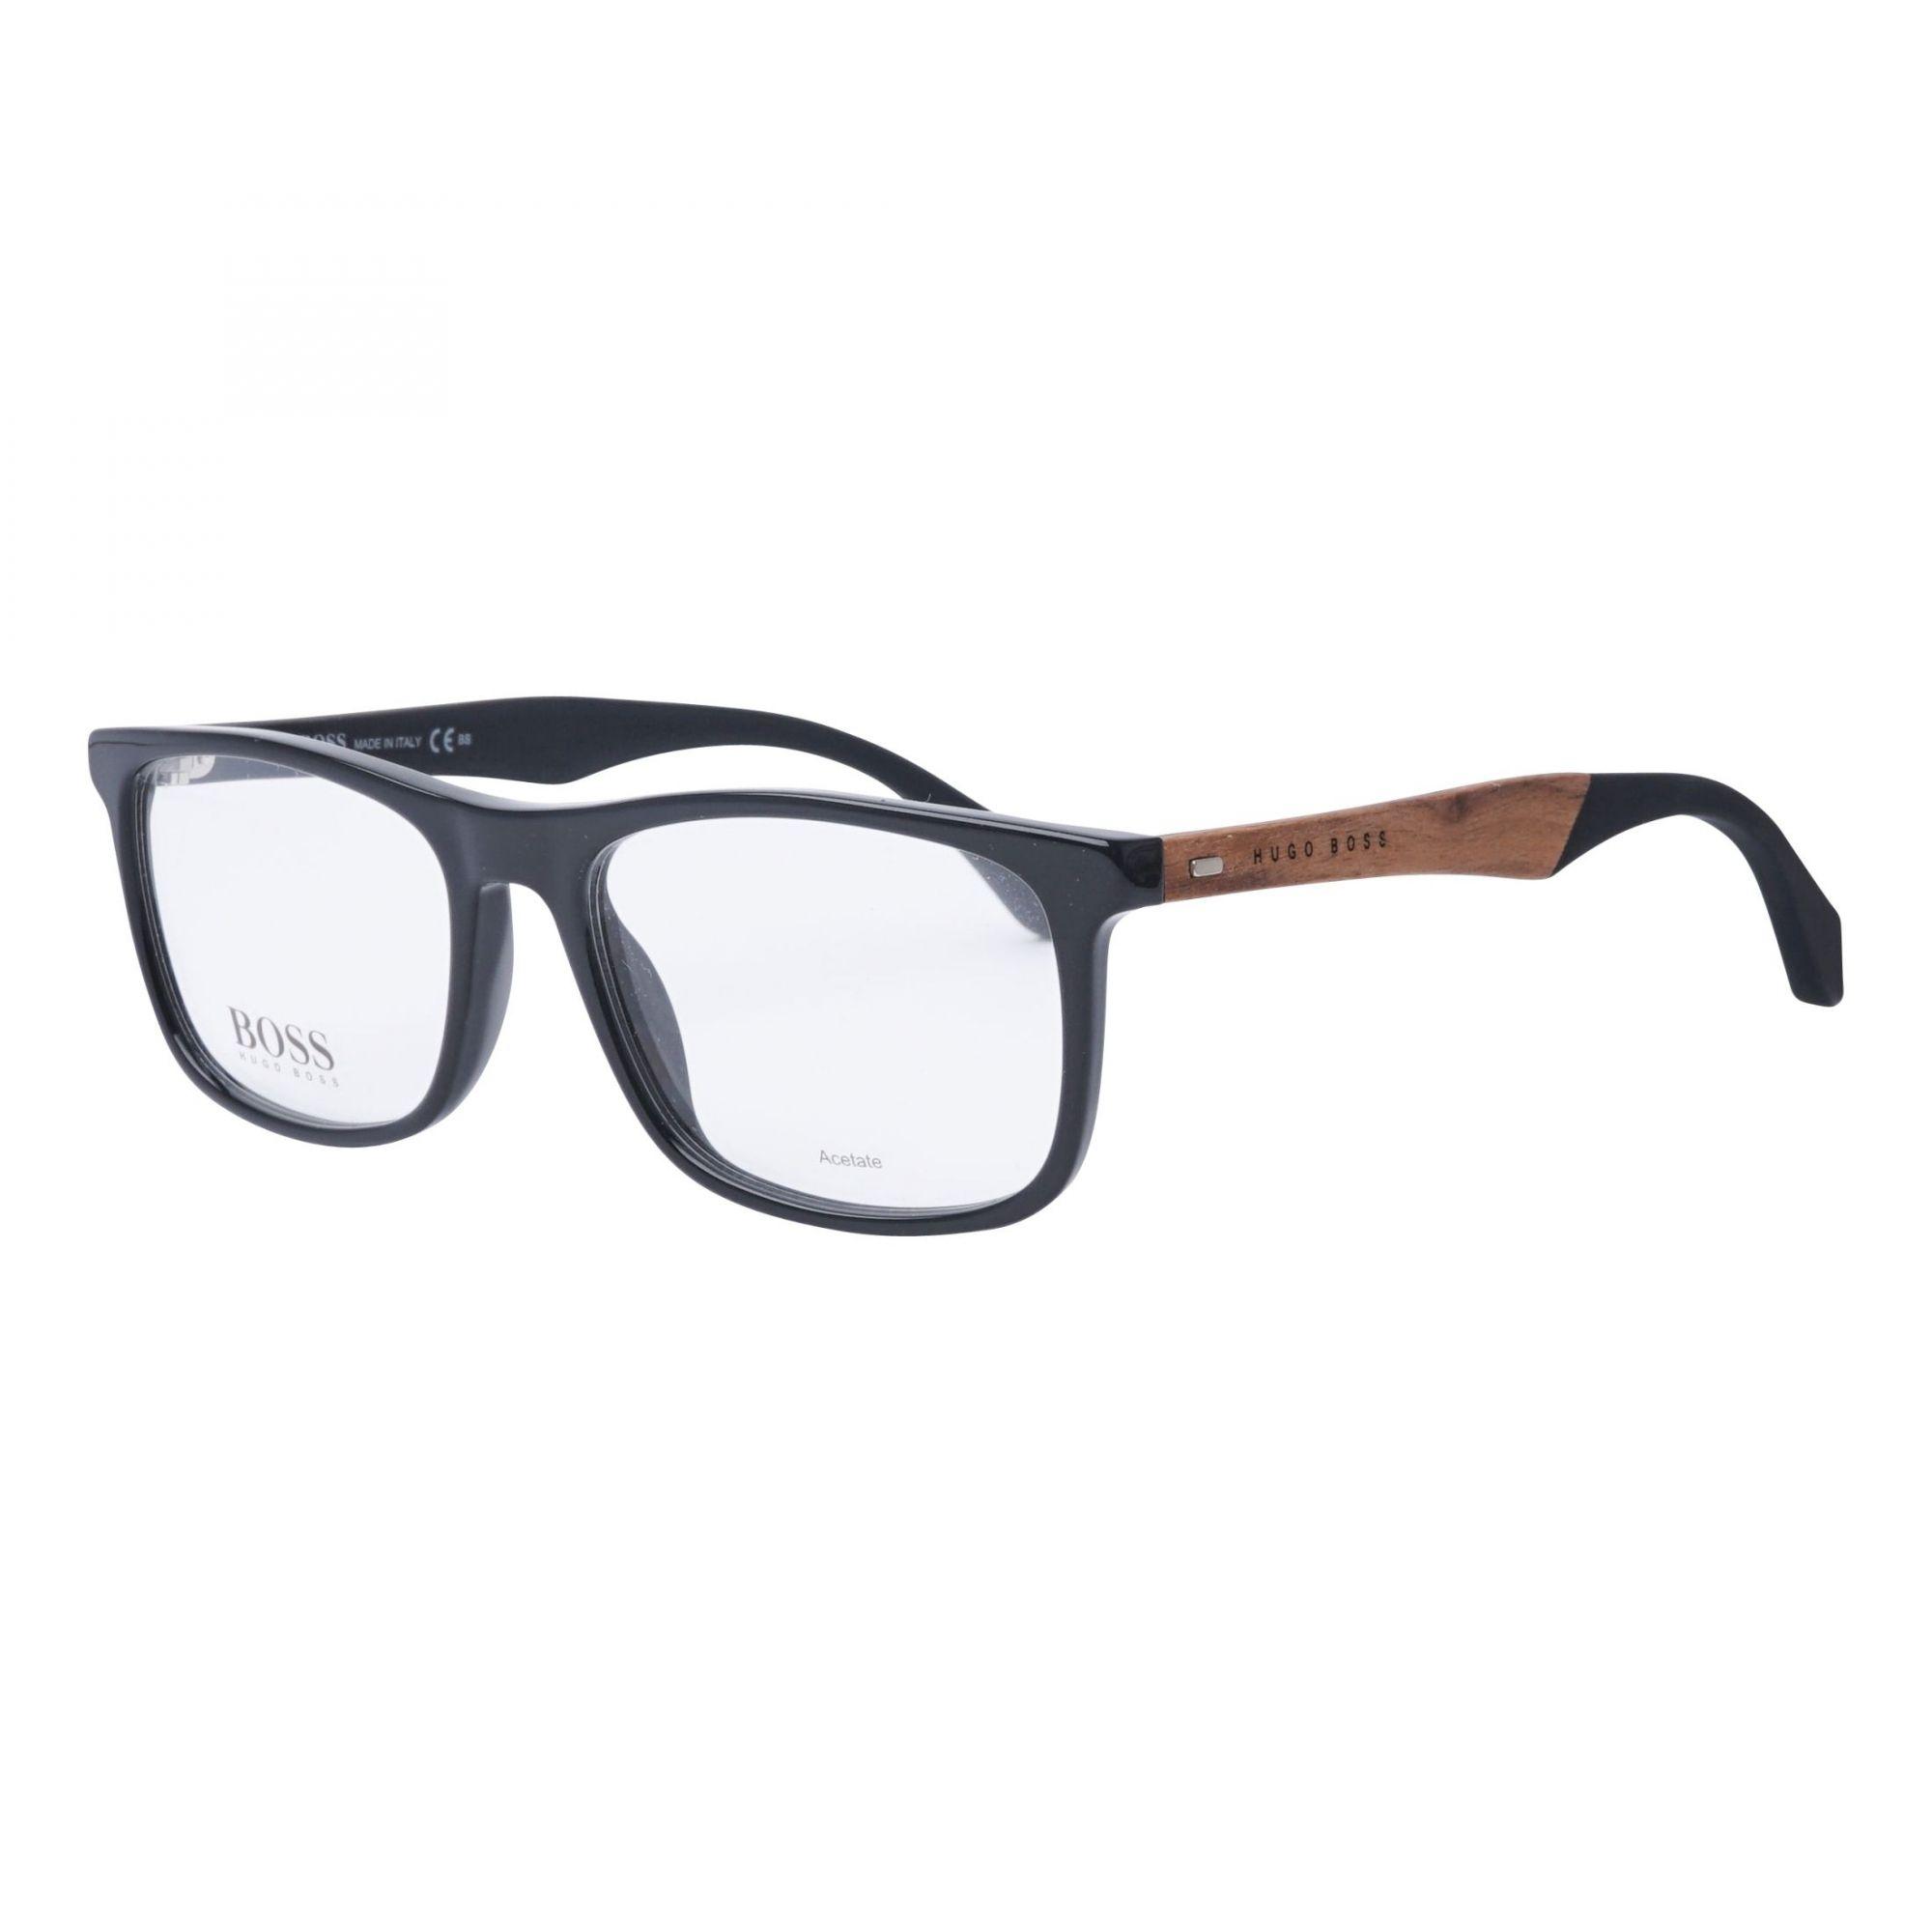 906566907 Armação De Óculos De Grau Masculino Boss 0779 807 - Omega Ótica e ...